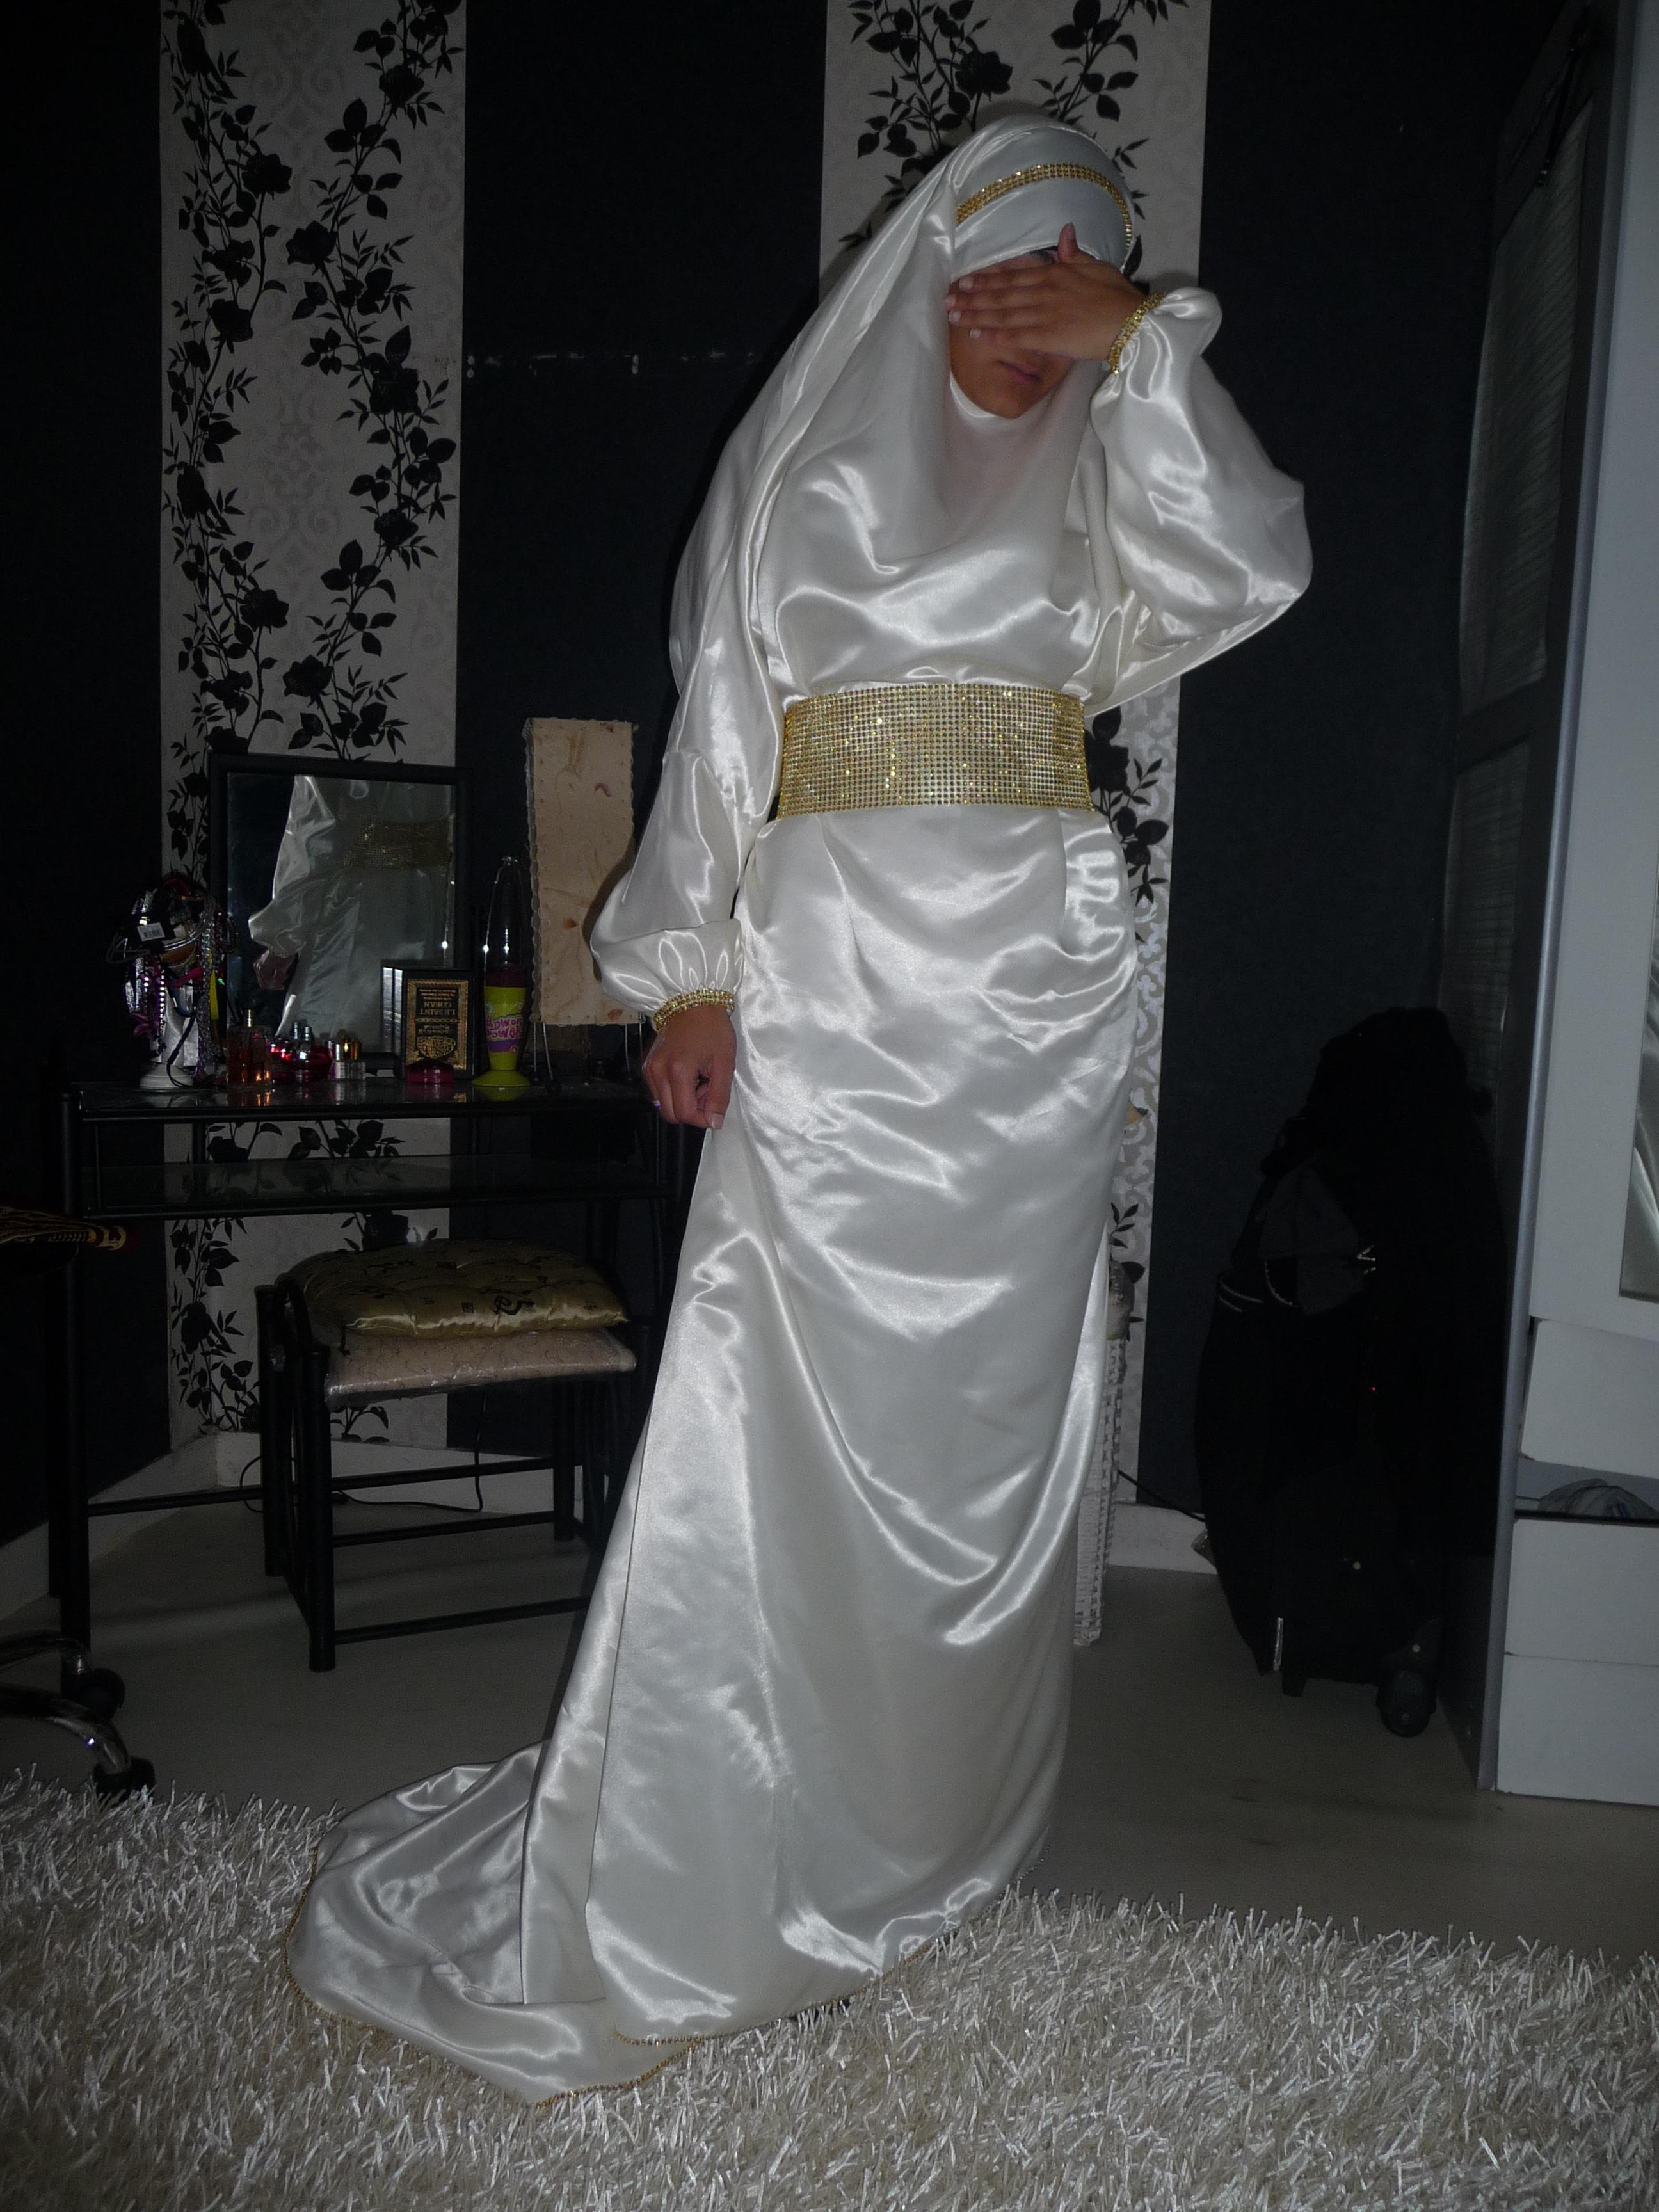 jilbab de mariage 11 - Jilbeb Mariage